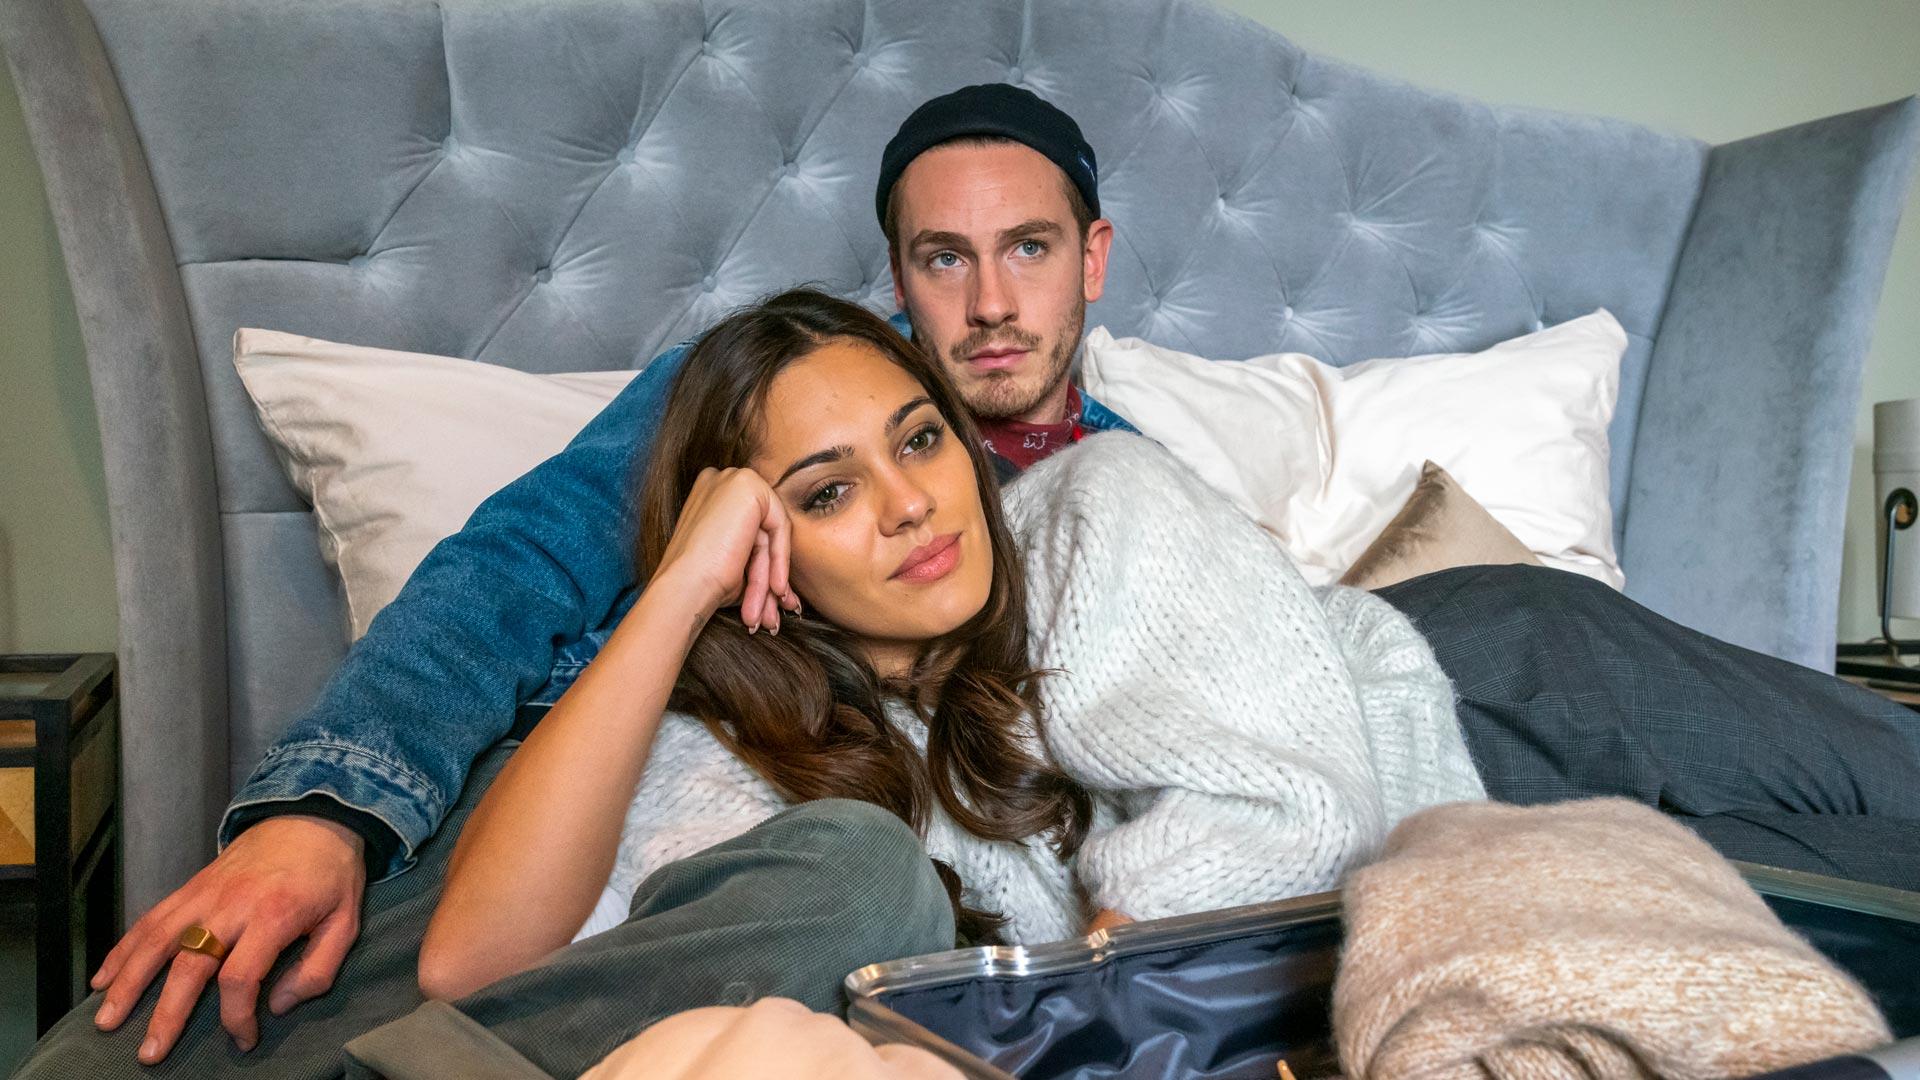 Janina und Ben liegen auf dem Bett